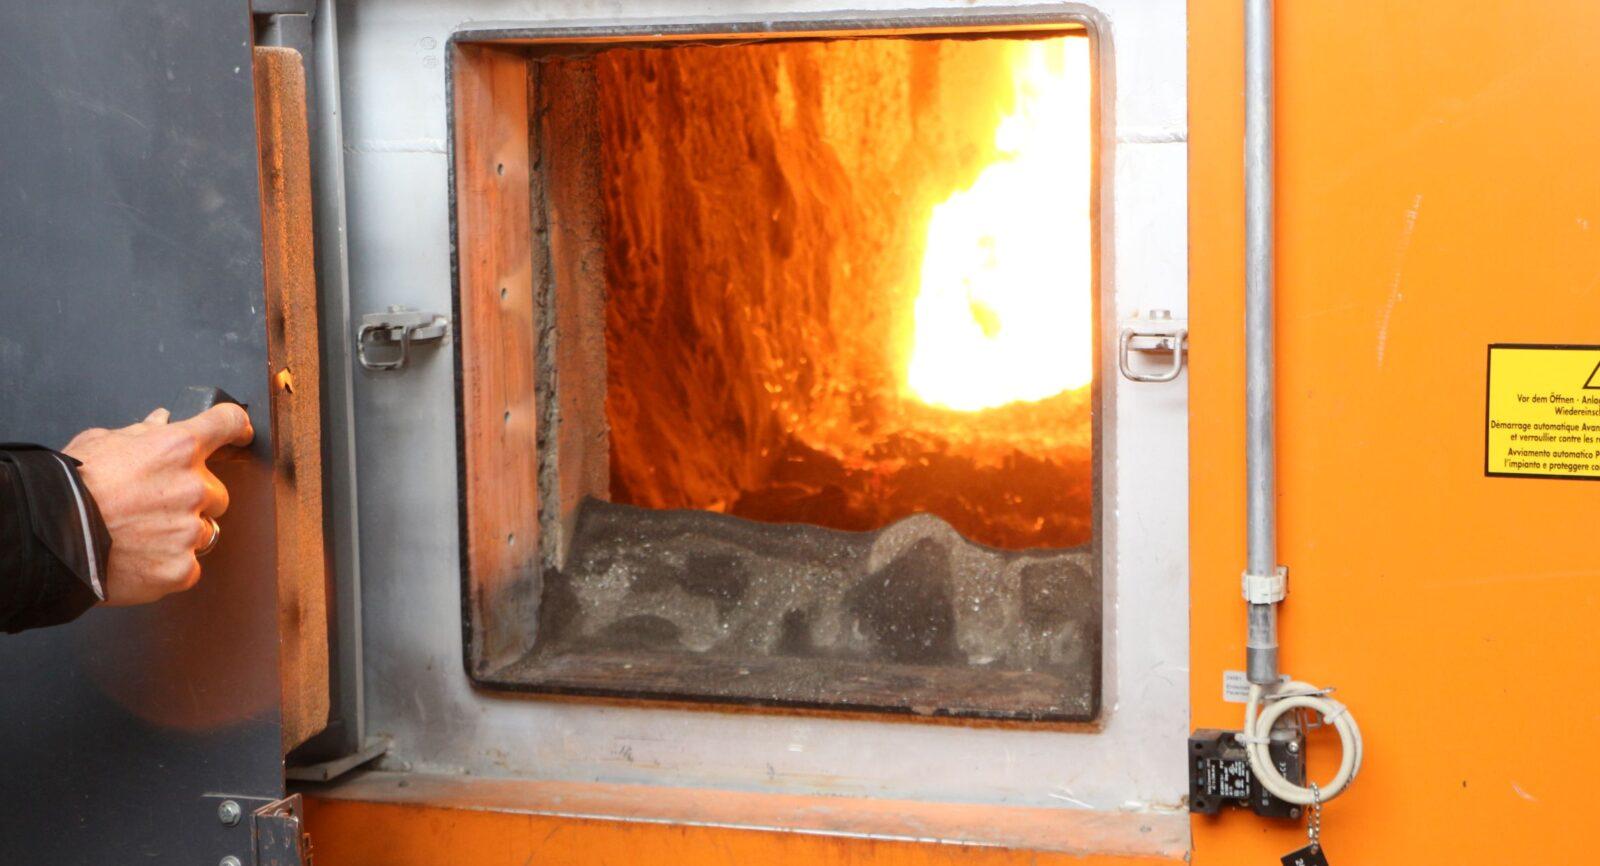 Blick in die Hochtemperatur-Brennkammer der vollautomatischen Holzhackschnitzelheizung – dem zweiten Wärmeerzeuger der BiEAG.